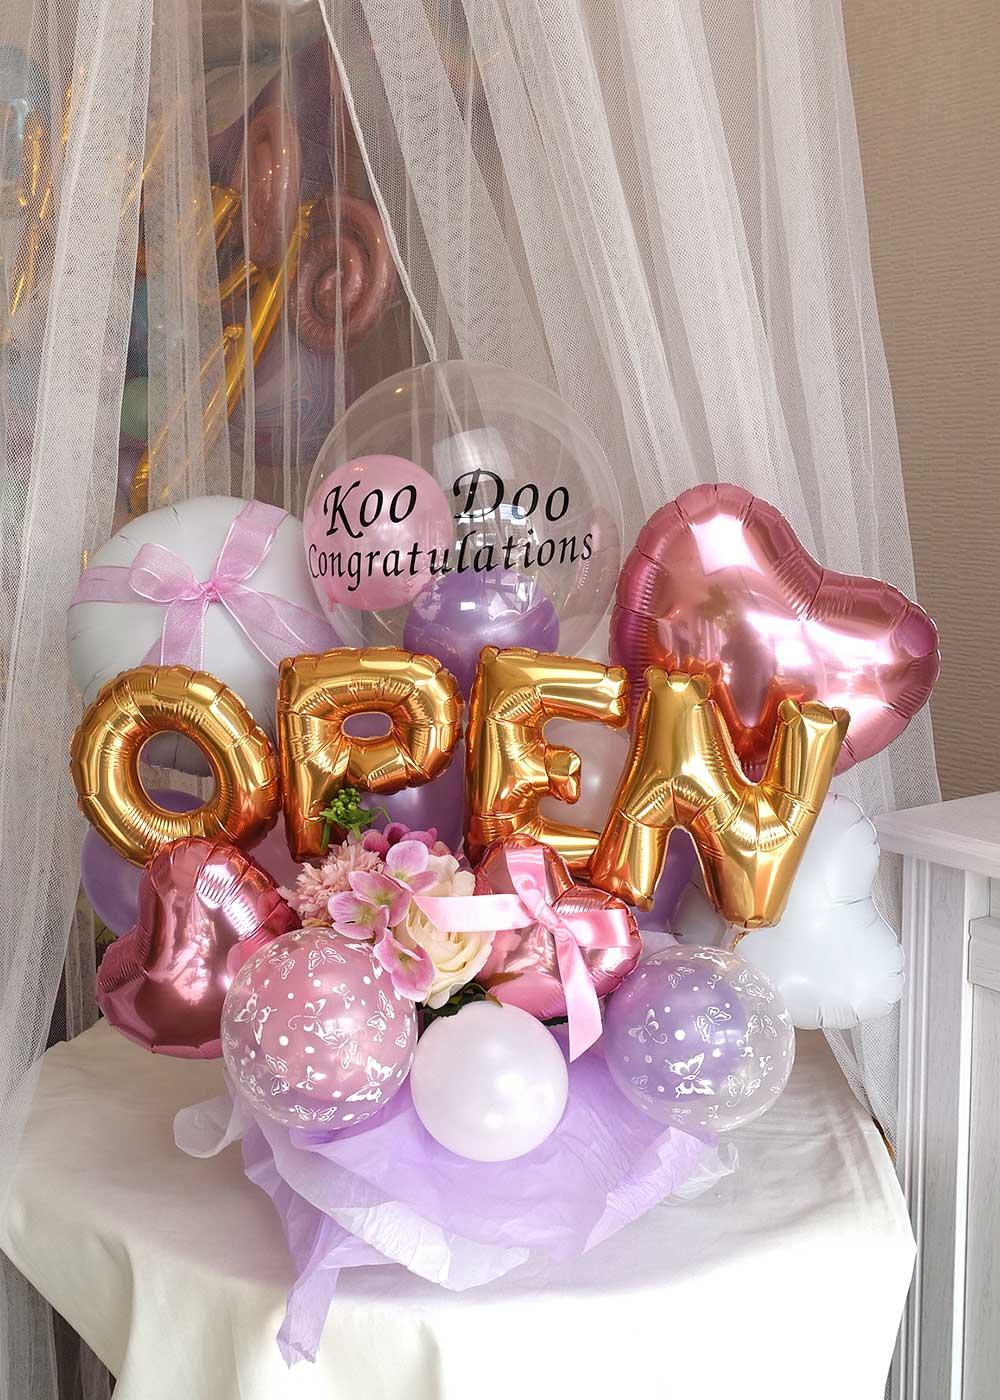 バルーンギフト 卓上 オープン祝い 開店祝い バルーンアレンジ 文字入れ  お祝い プレゼント バルーンアート通販ショップ KOO-DOO